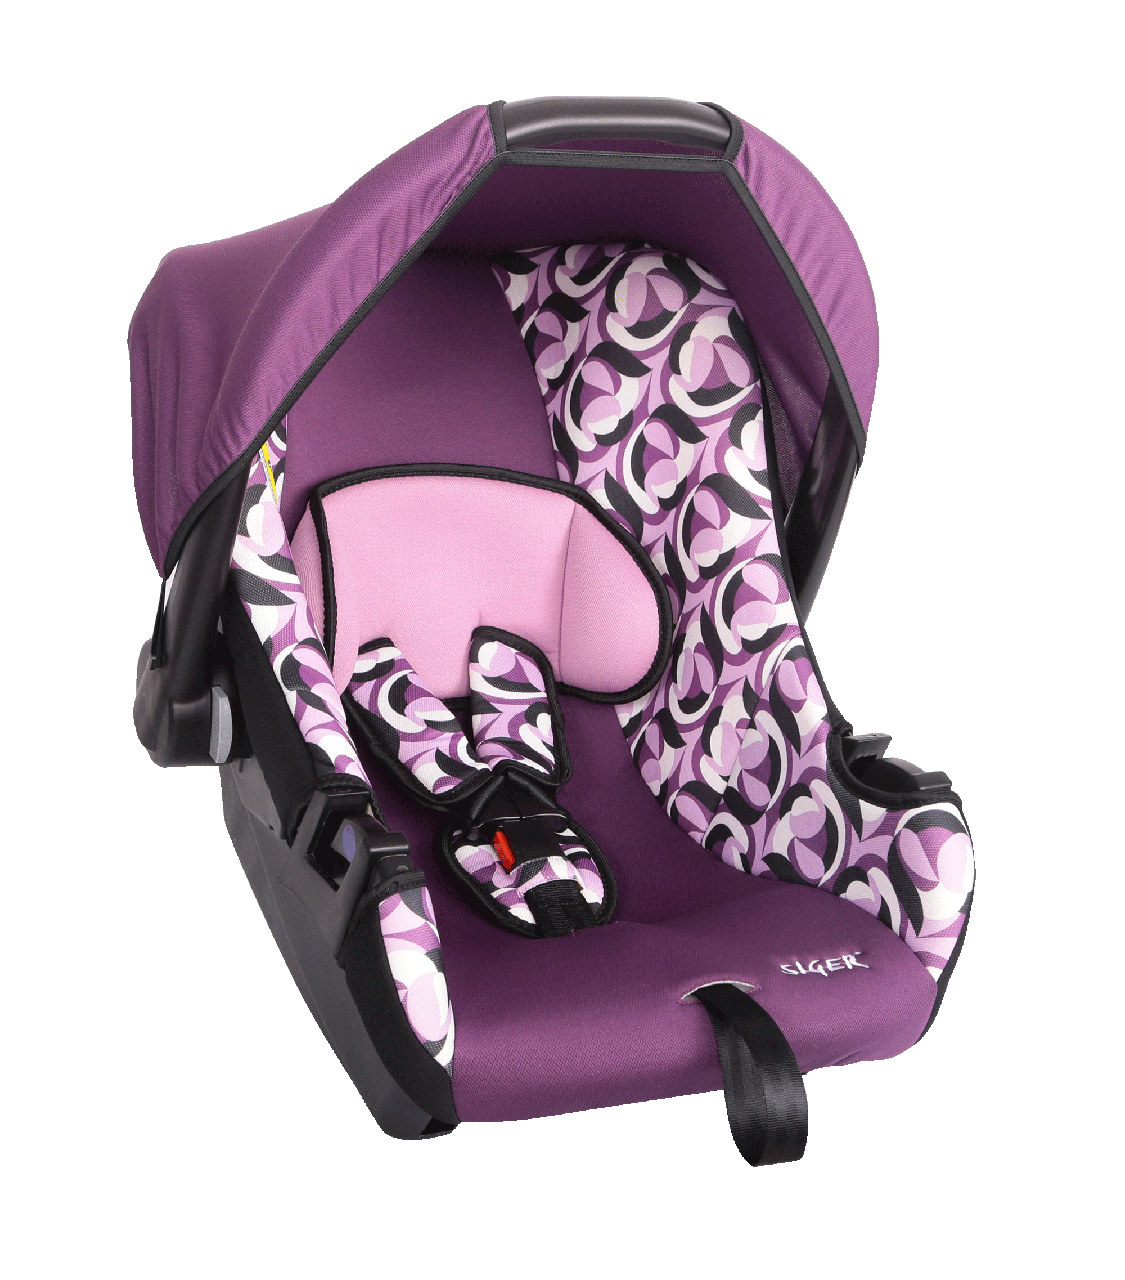 """Детское автомобильное кресло SIGER """"ЭГИДА"""" абстракция, 0-1.5 ГОДА, до 13 КГ, группа 0+"""